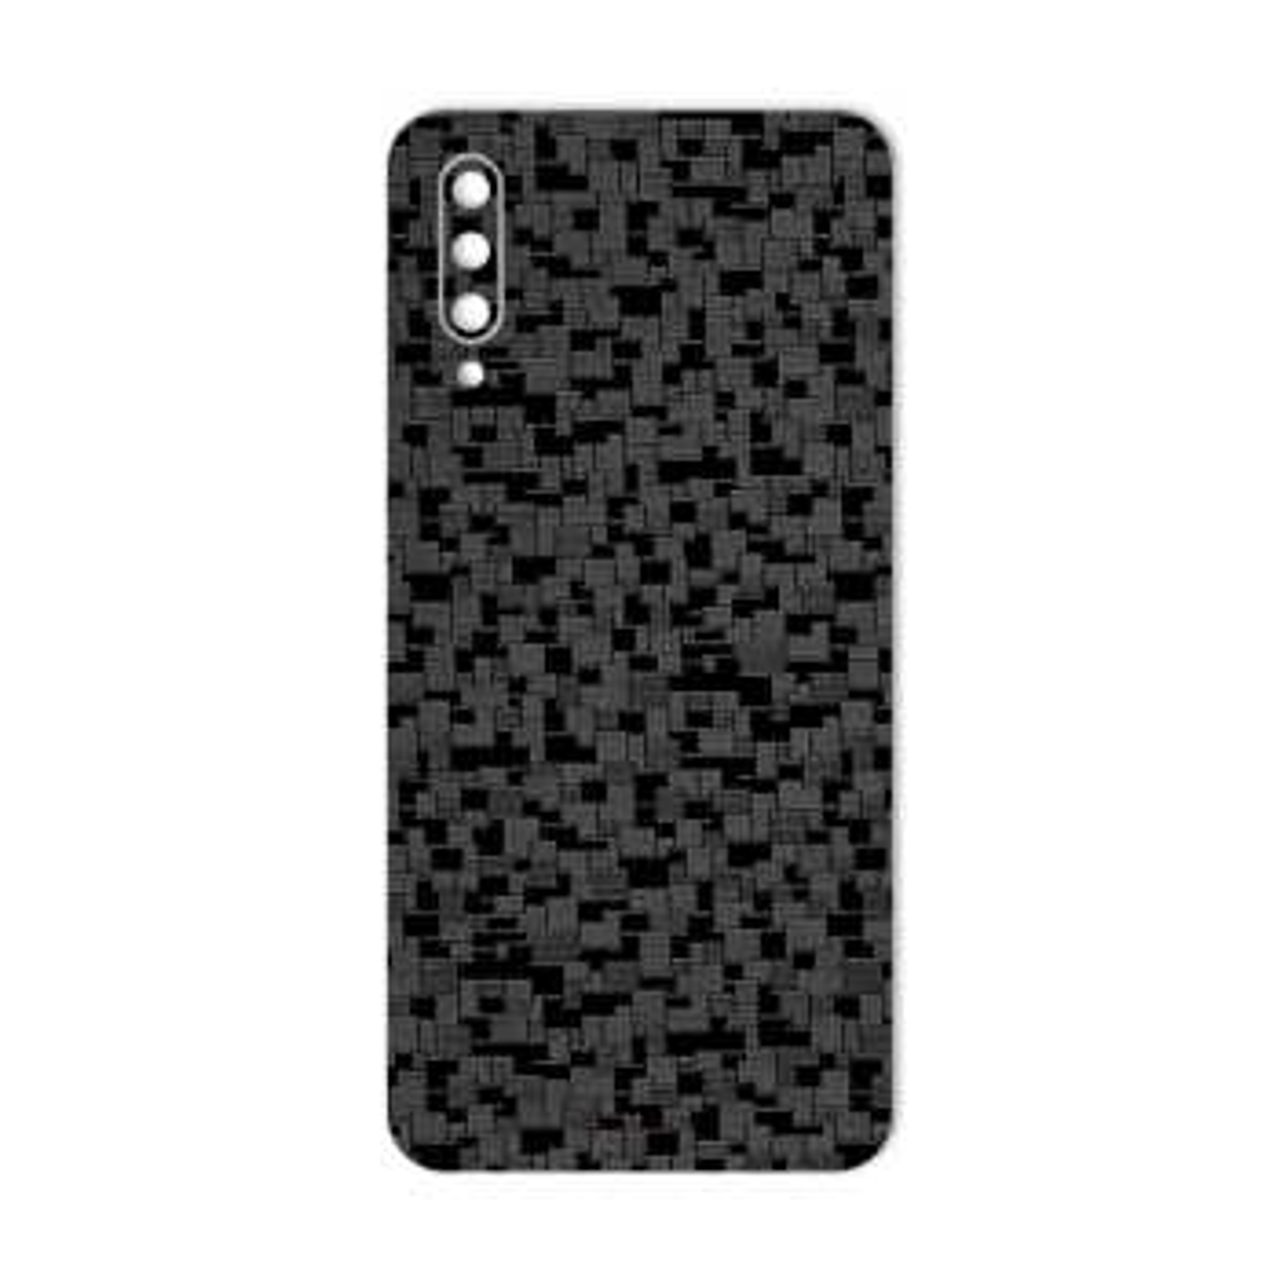 برچسب پوششی ماهوت مدل Silicon-Texture مناسب برای گوشی موبایل سامسونگGalaxy   A30 S